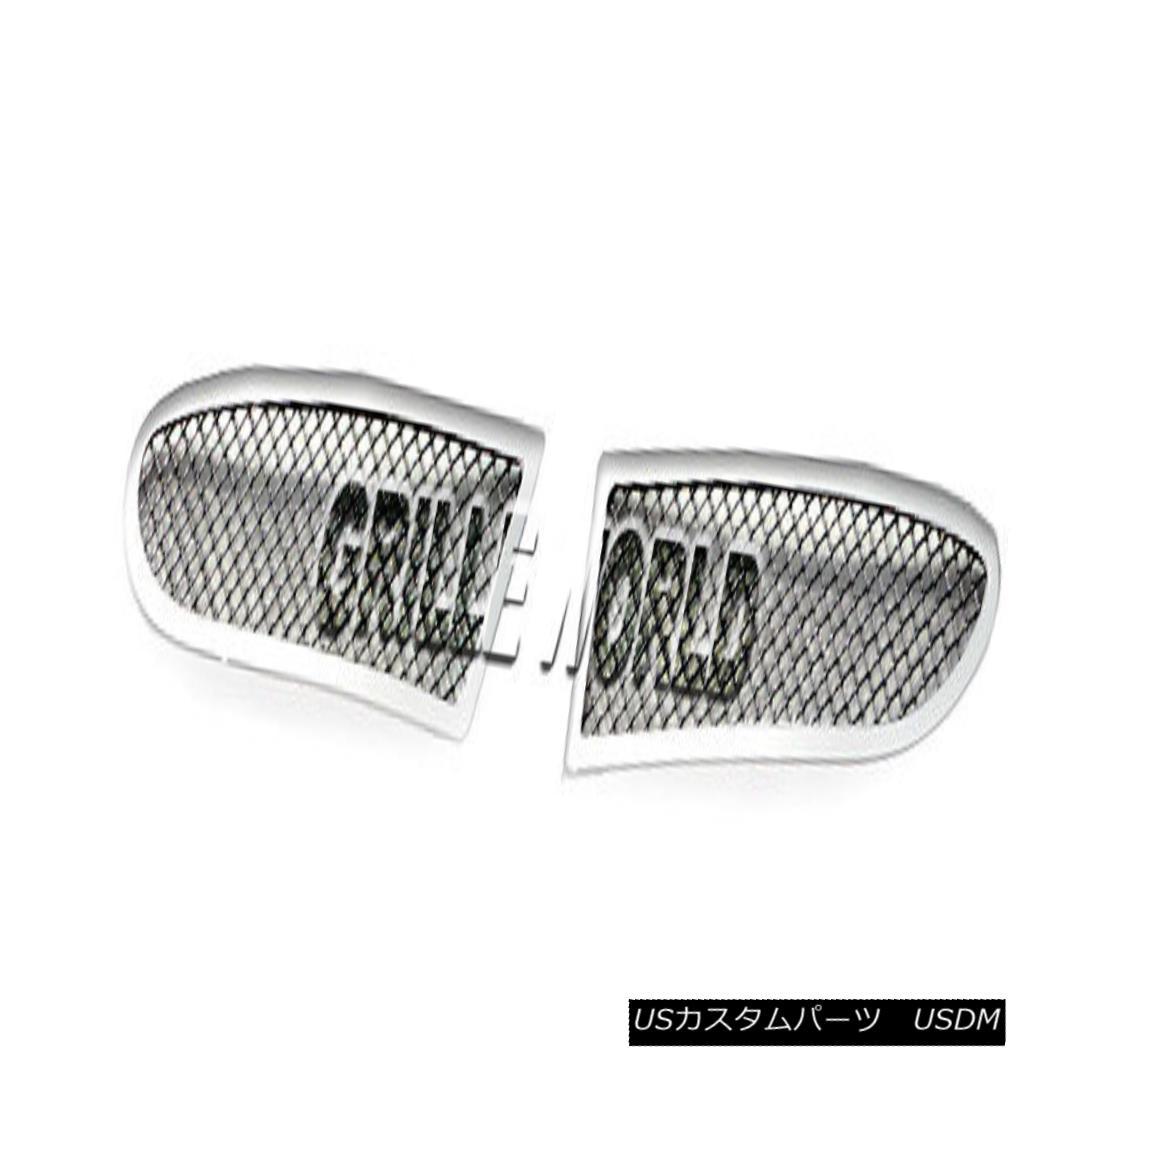 グリル For 2011-2018 Dodge Journey Fog light Stainless Steel Black Mesh Grille 2011-2018ダッジジャーニーフォグライトステンレススチールブラックメッシュグリル